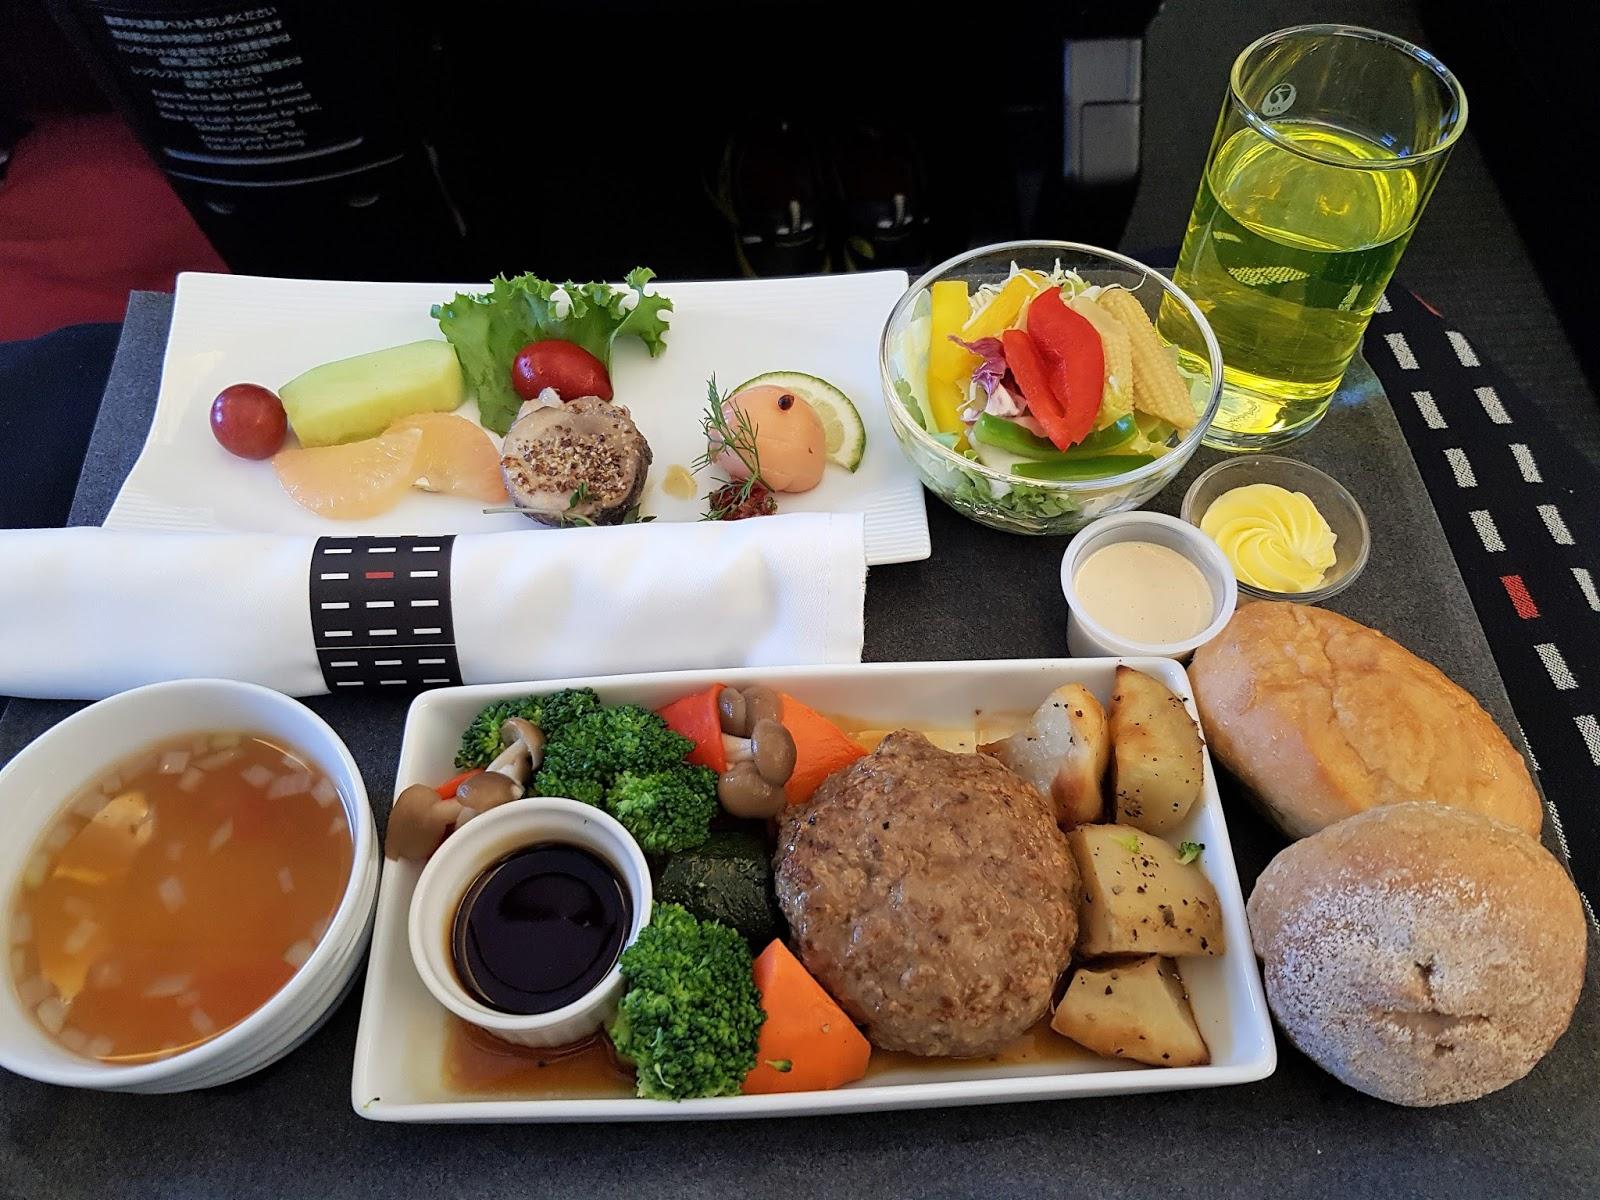 日本航空JL96: 台北松山TSA → 東京羽田HND商務艙飛行紀錄 (B767-300)